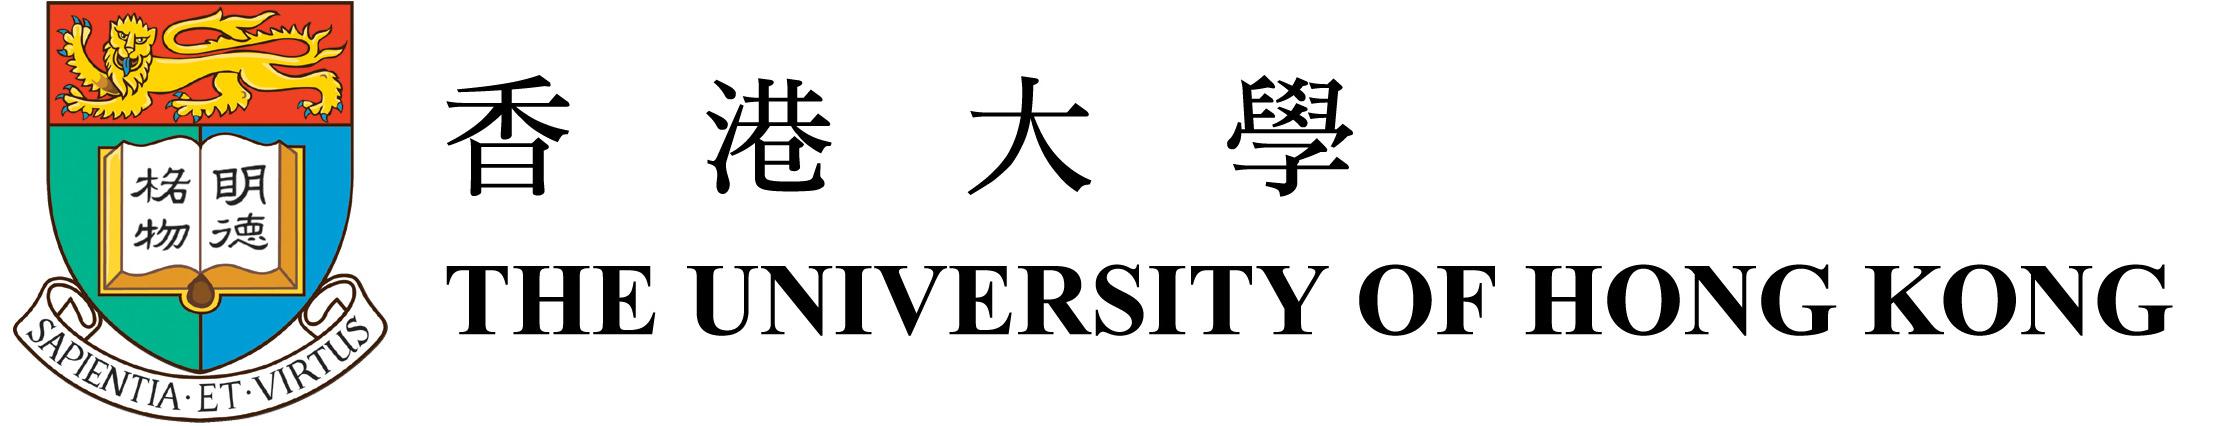 logo_CE_C.jpg